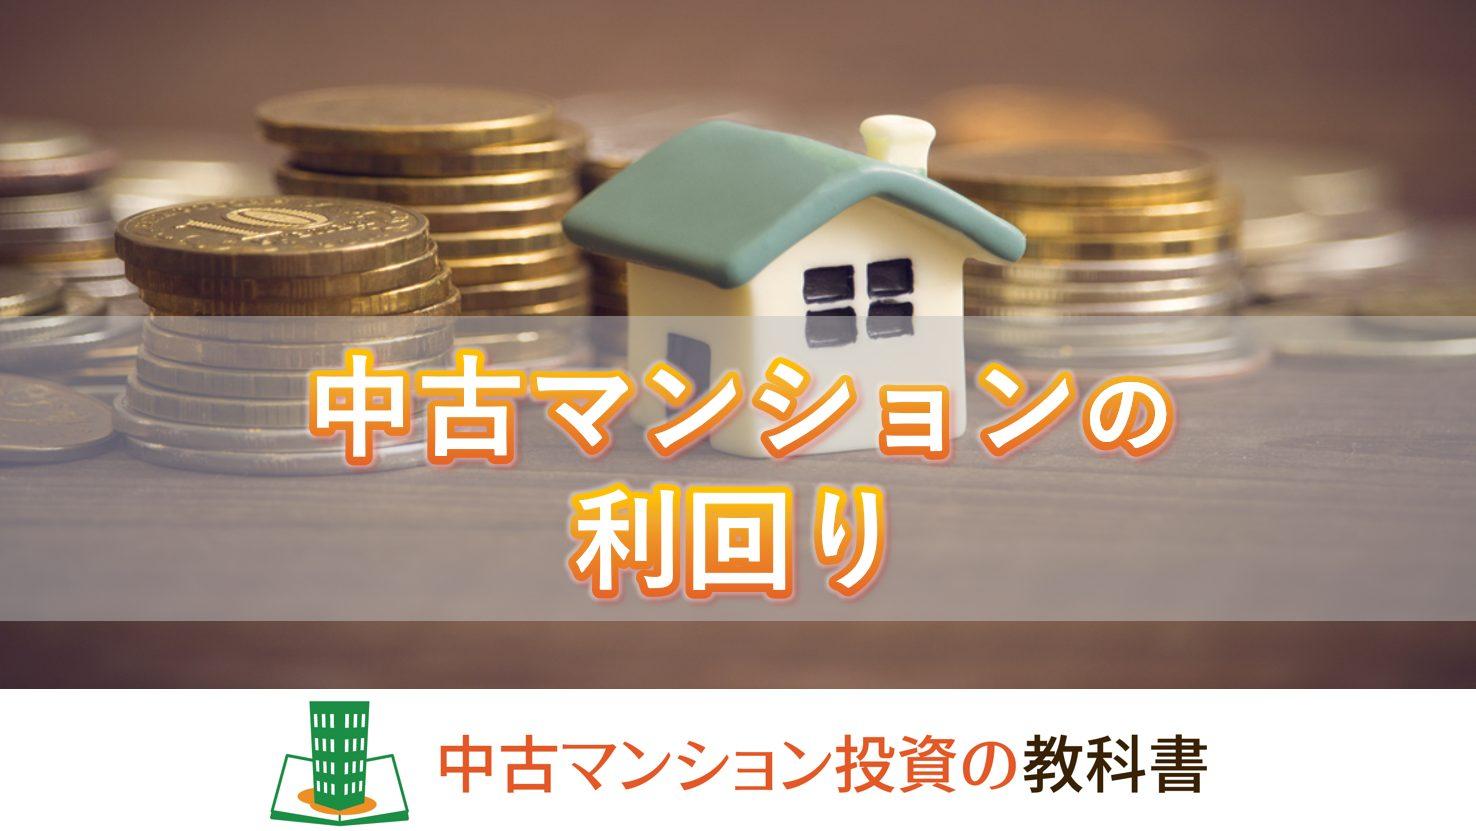 中古マンション投資の利回りはどれくらい?高利回り物件の探し方も教えます